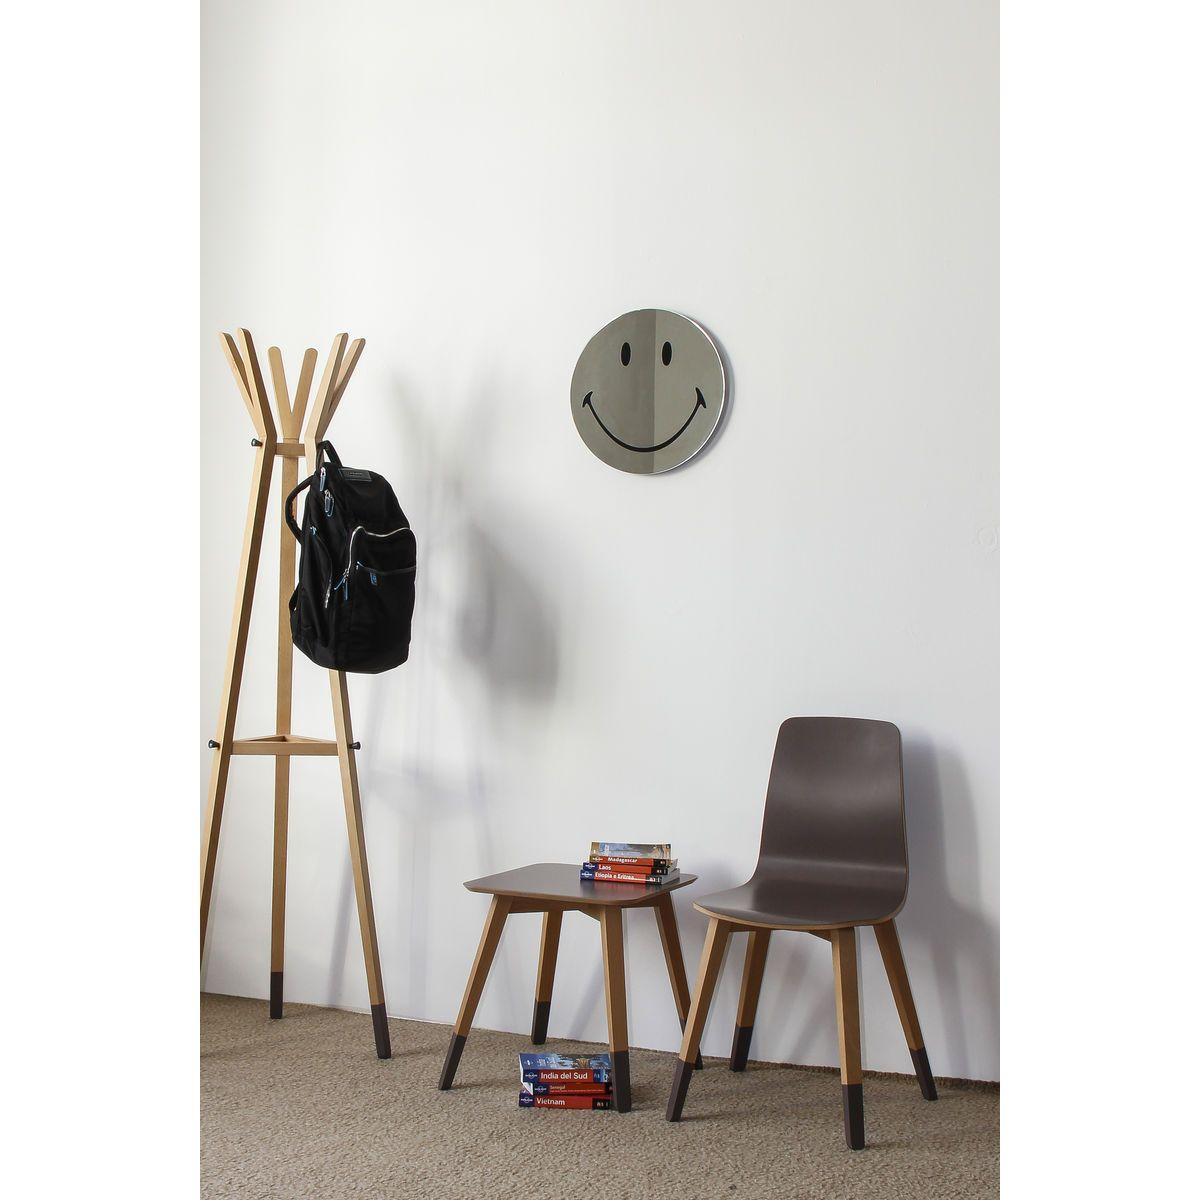 Tavolino basso in faggio con ripiano quadrato di colore grigio